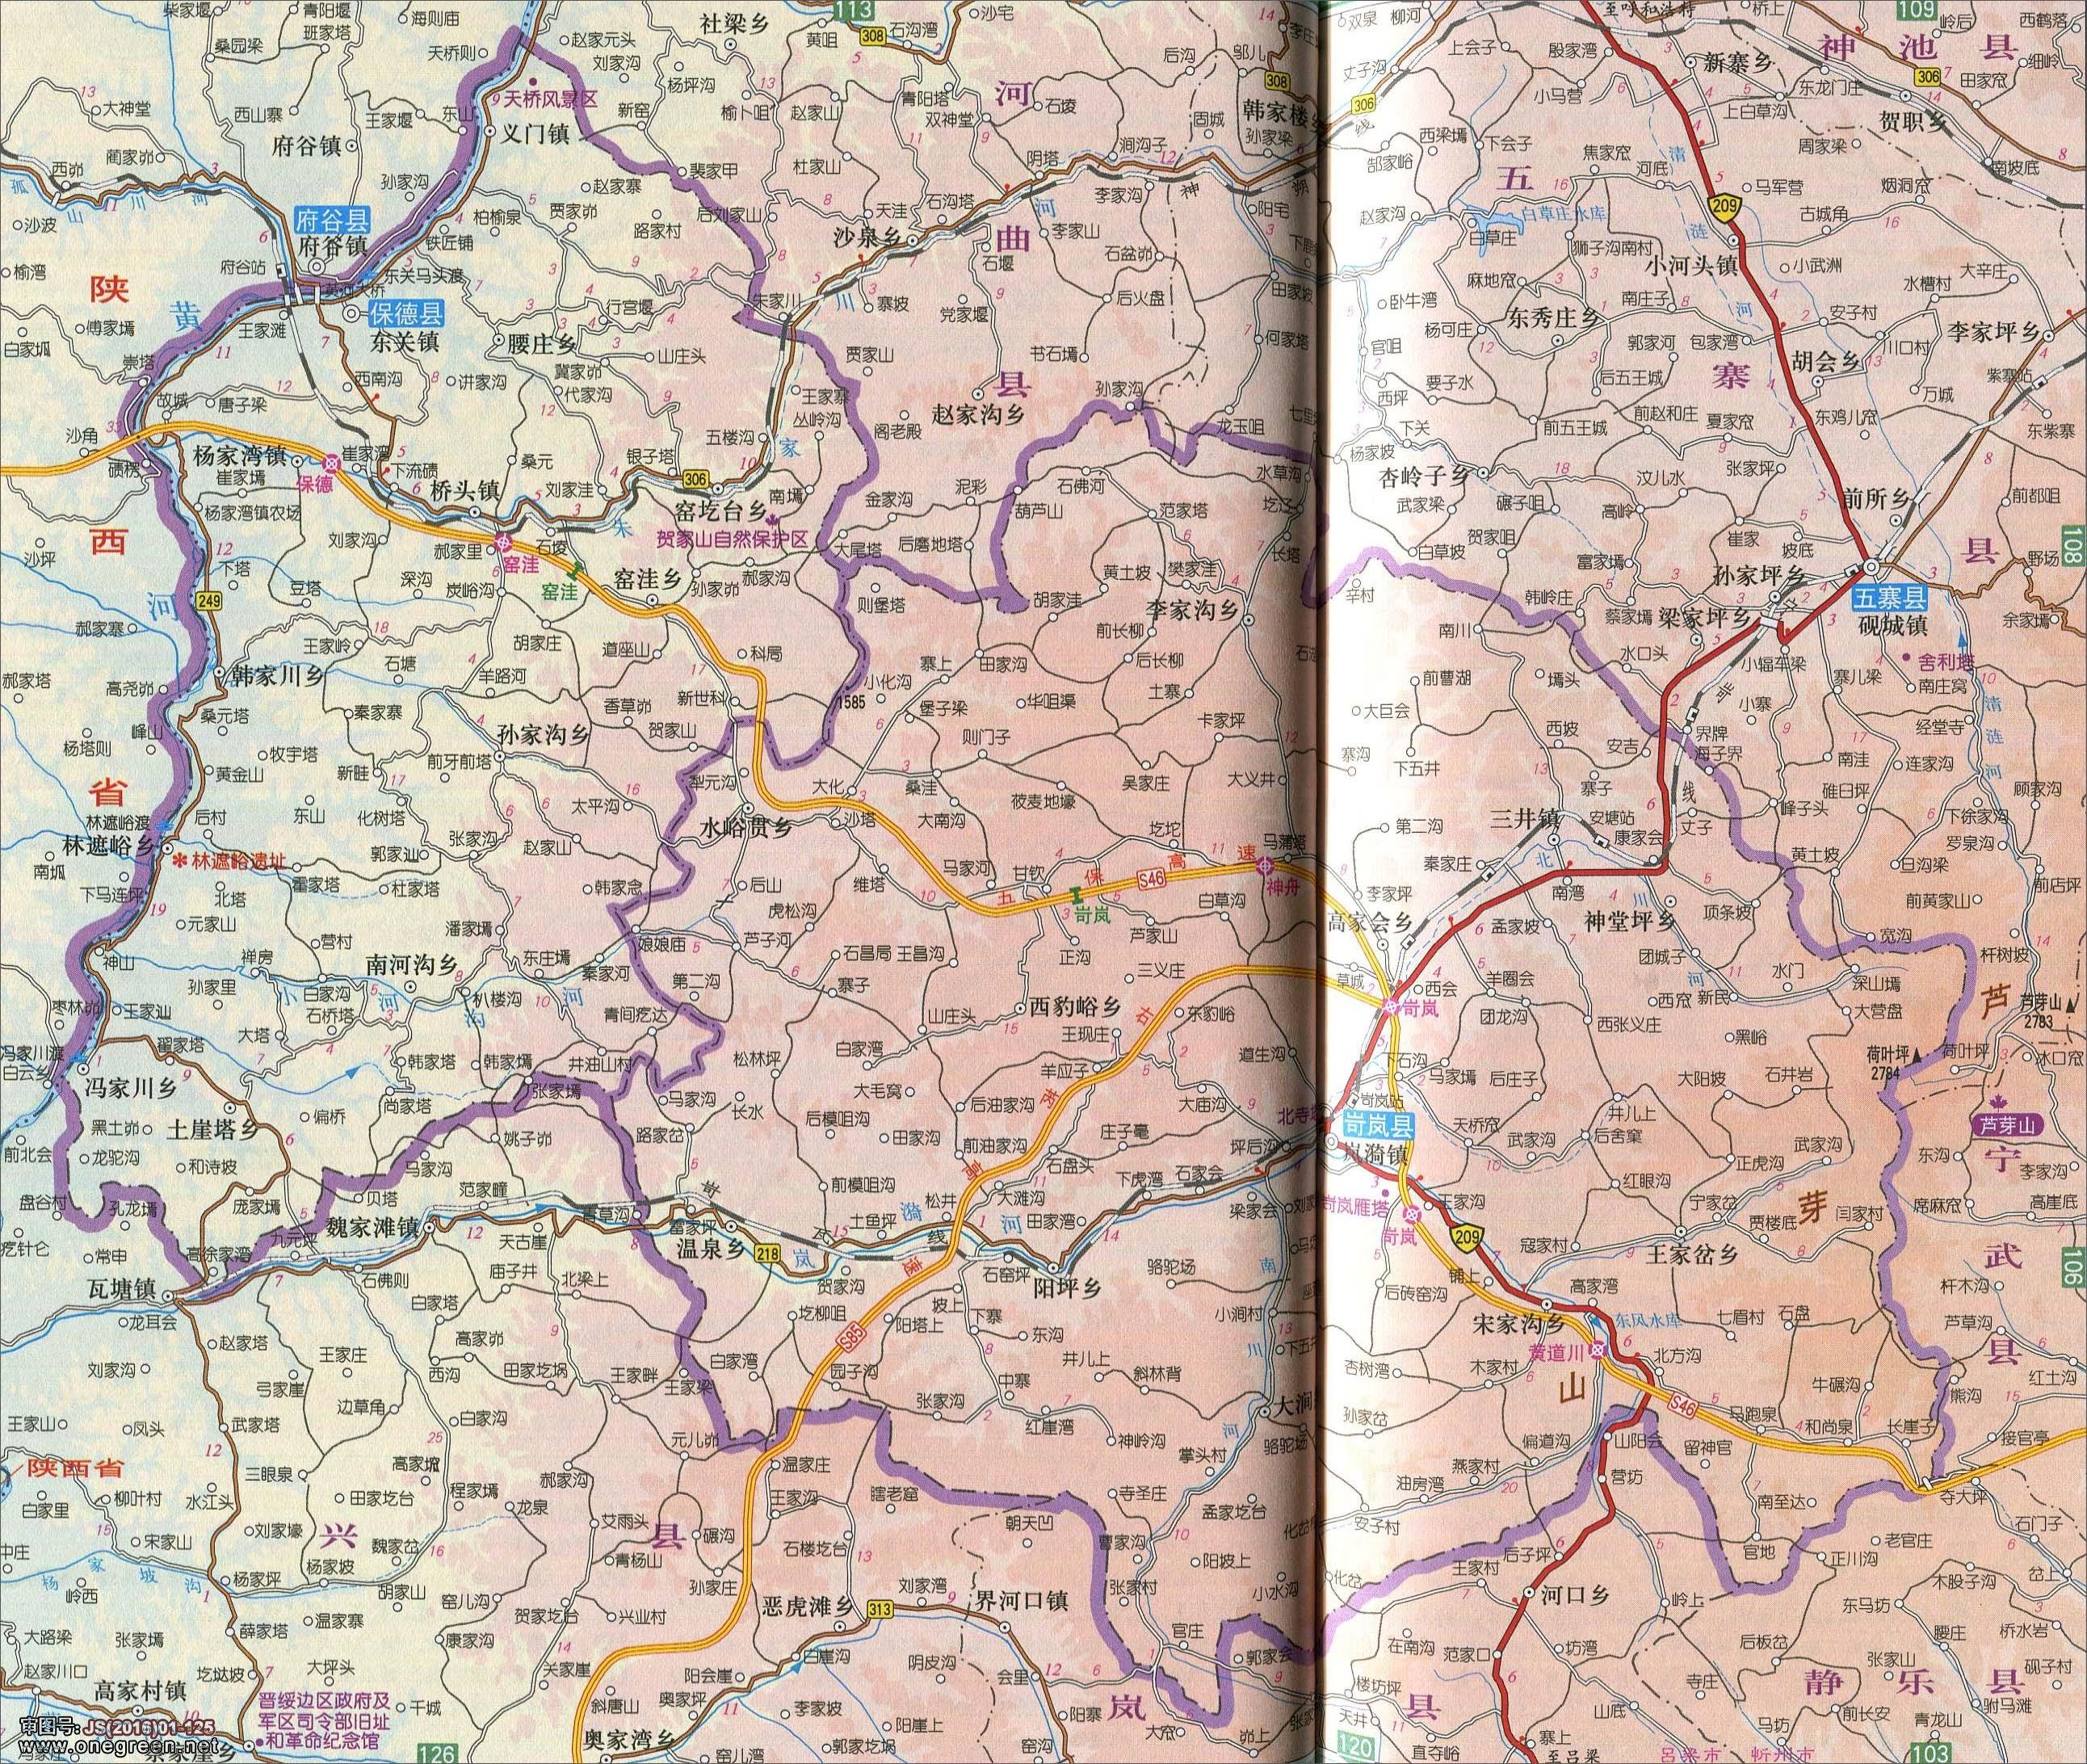 保德县岢岚县地图图片